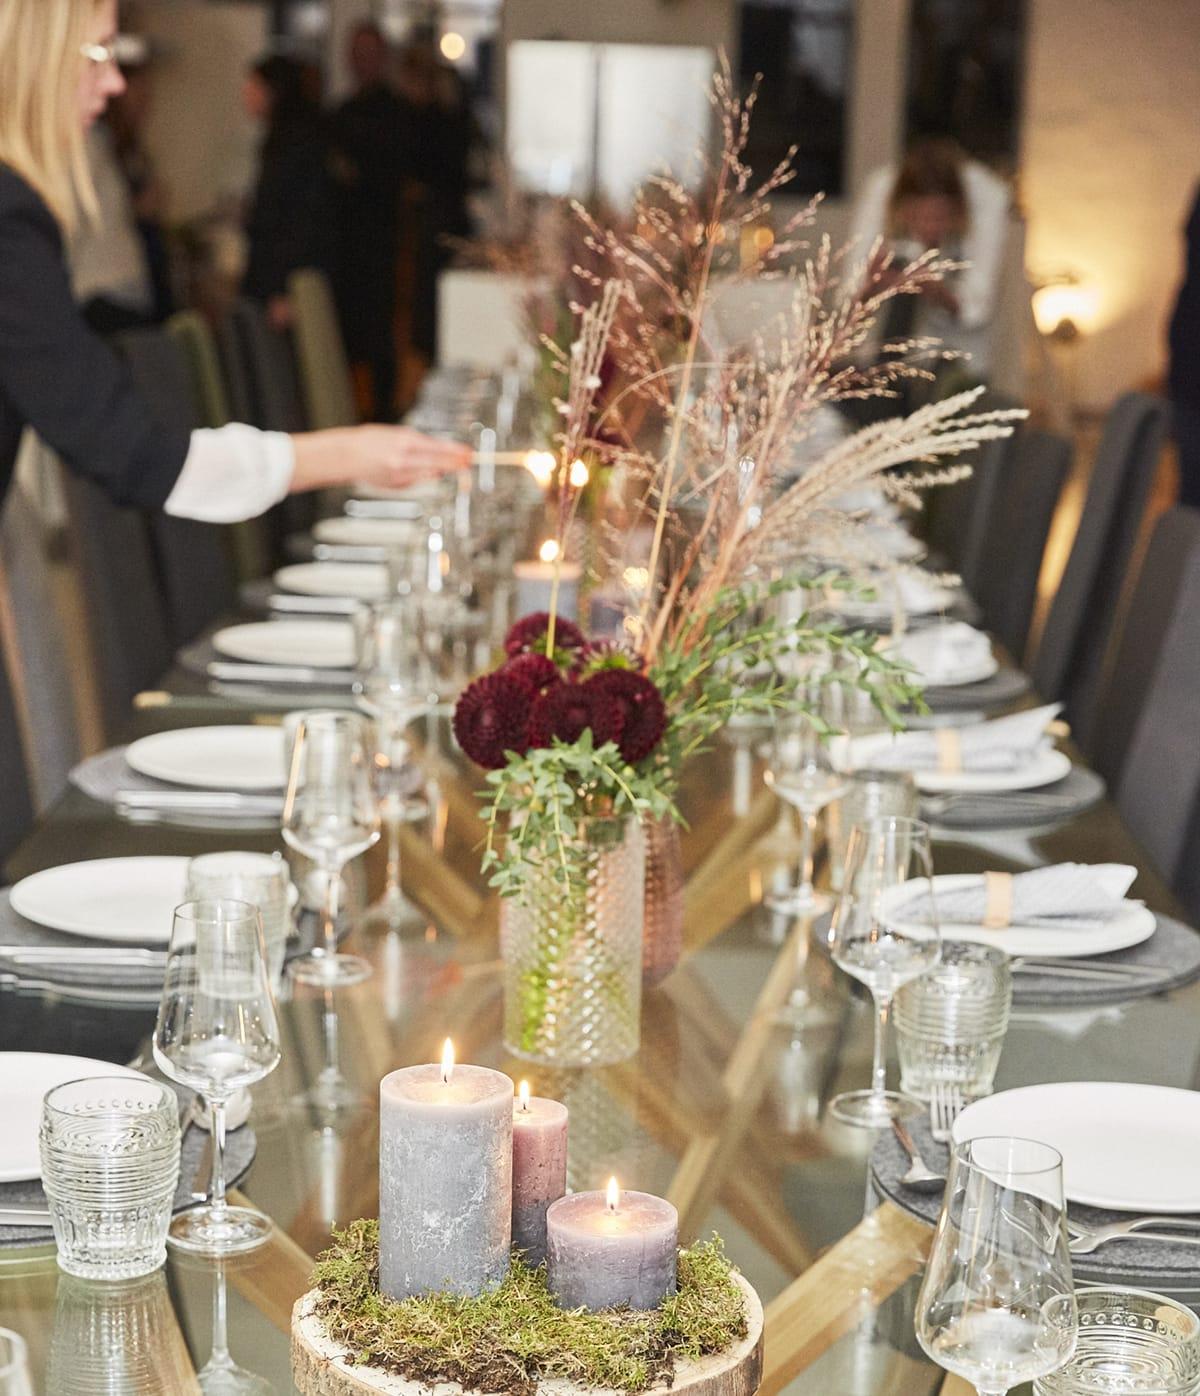 Eine festlich gedeckte Tafel, Kerzenschein und bequeme Stressless Dining Stühle zaubern in der hyggeligen Weihnachtszeit eine besonders gemütliche Atmosphäre.